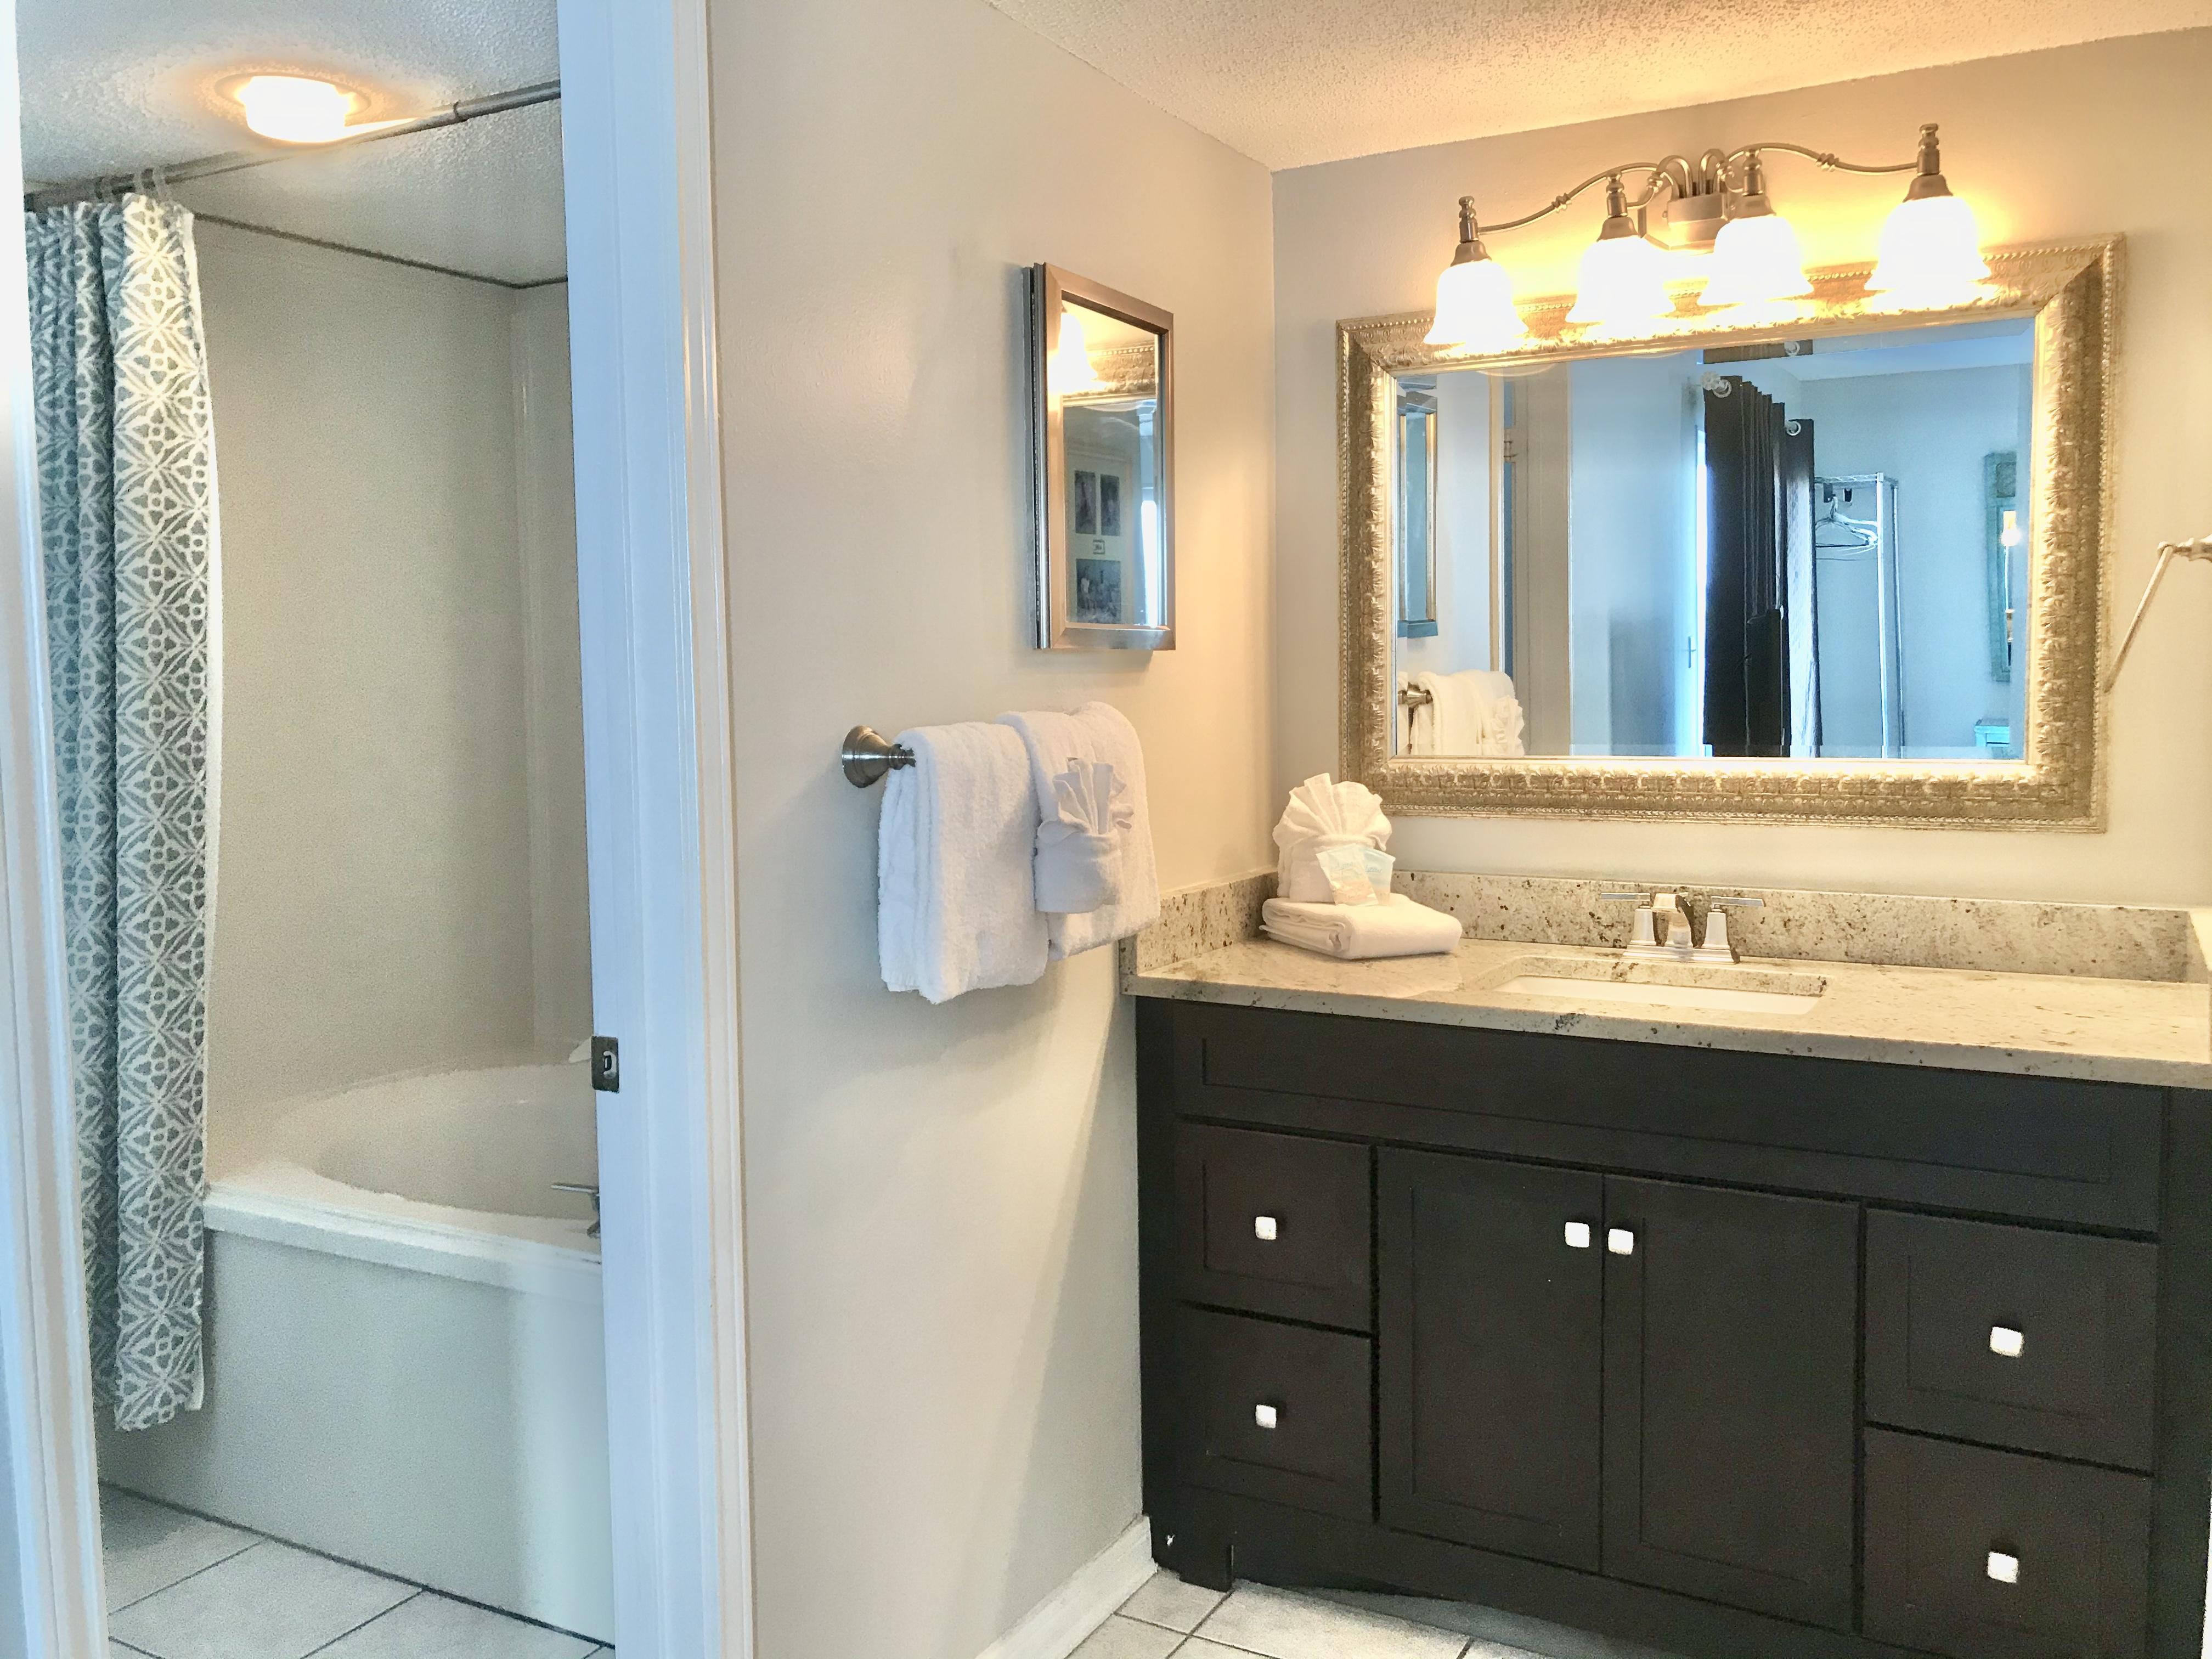 Ocean House 2306 Condo rental in Ocean House - Gulf Shores in Gulf Shores Alabama - #25